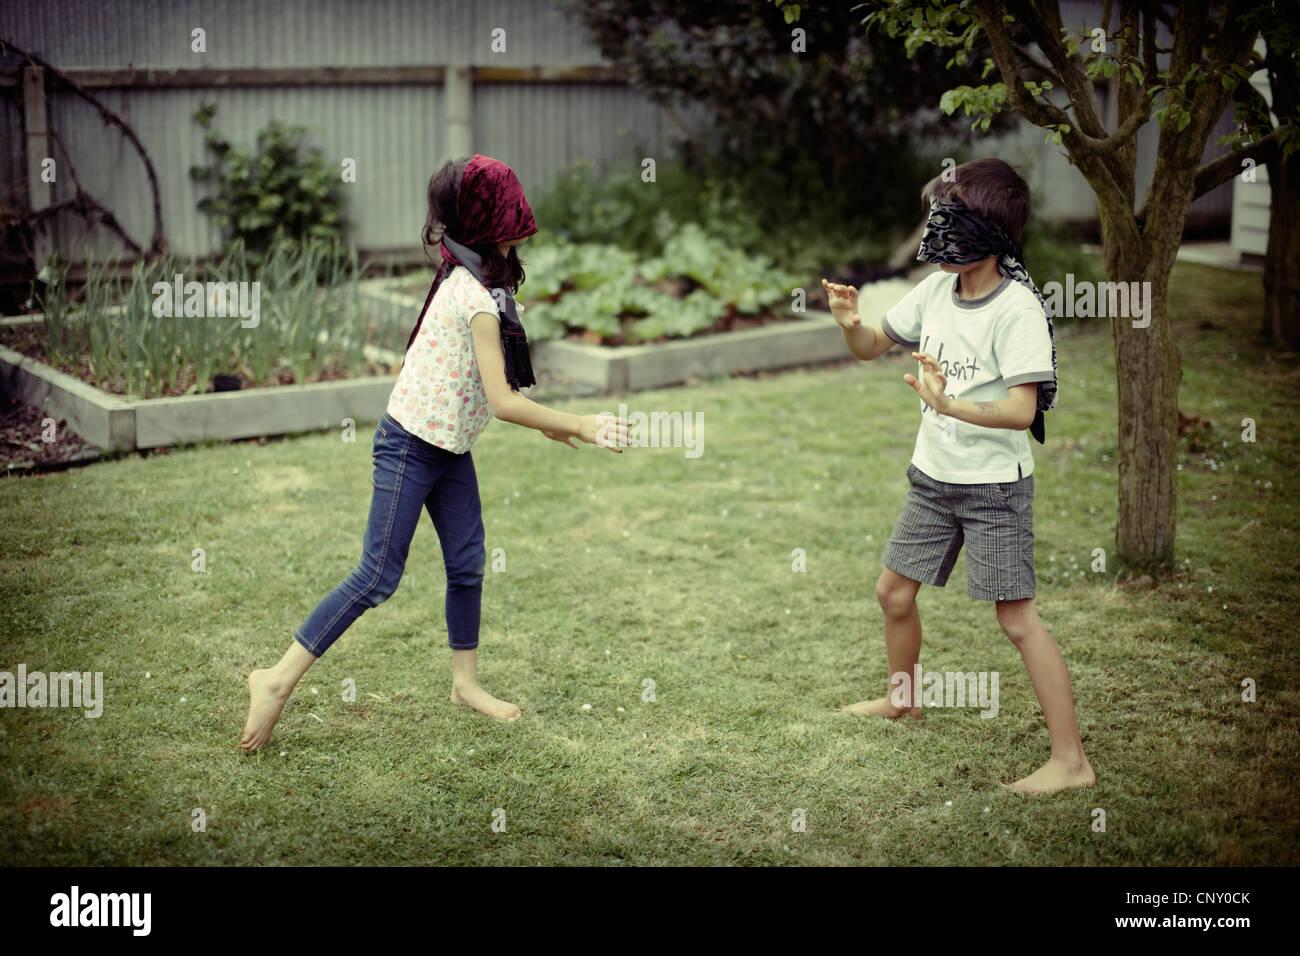 Kinder spielen tragen Blinfolds. Stockbild